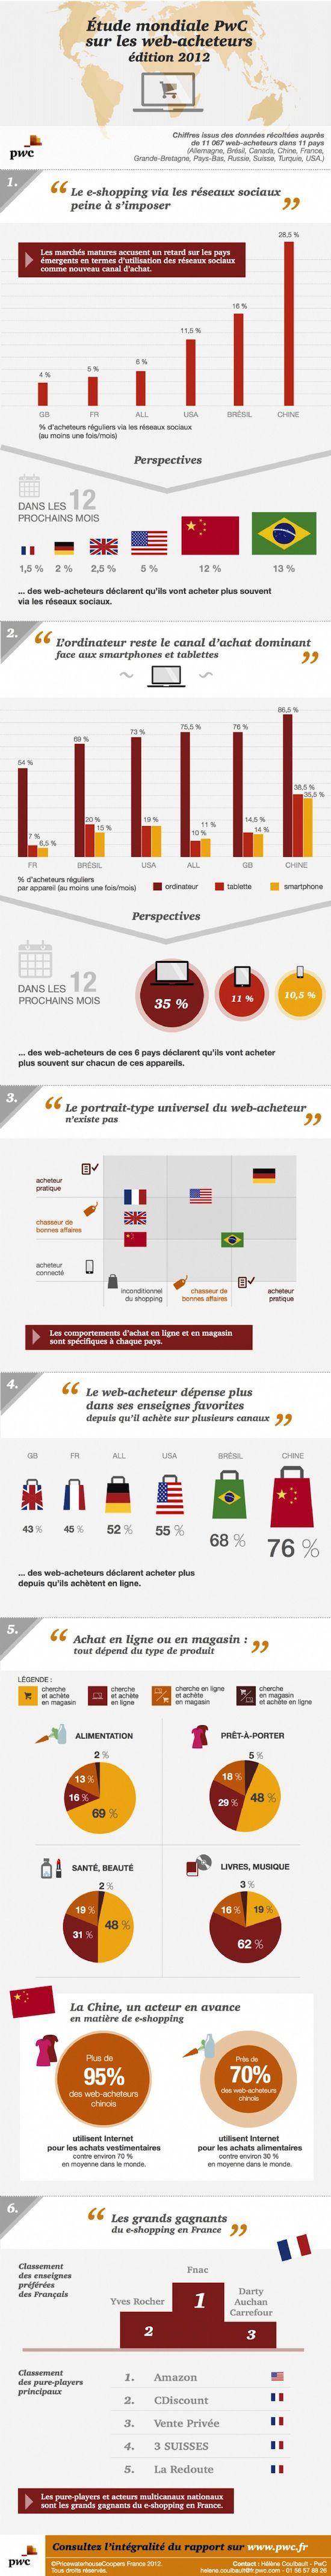 Le comportement des e-acheteurs dans le monde